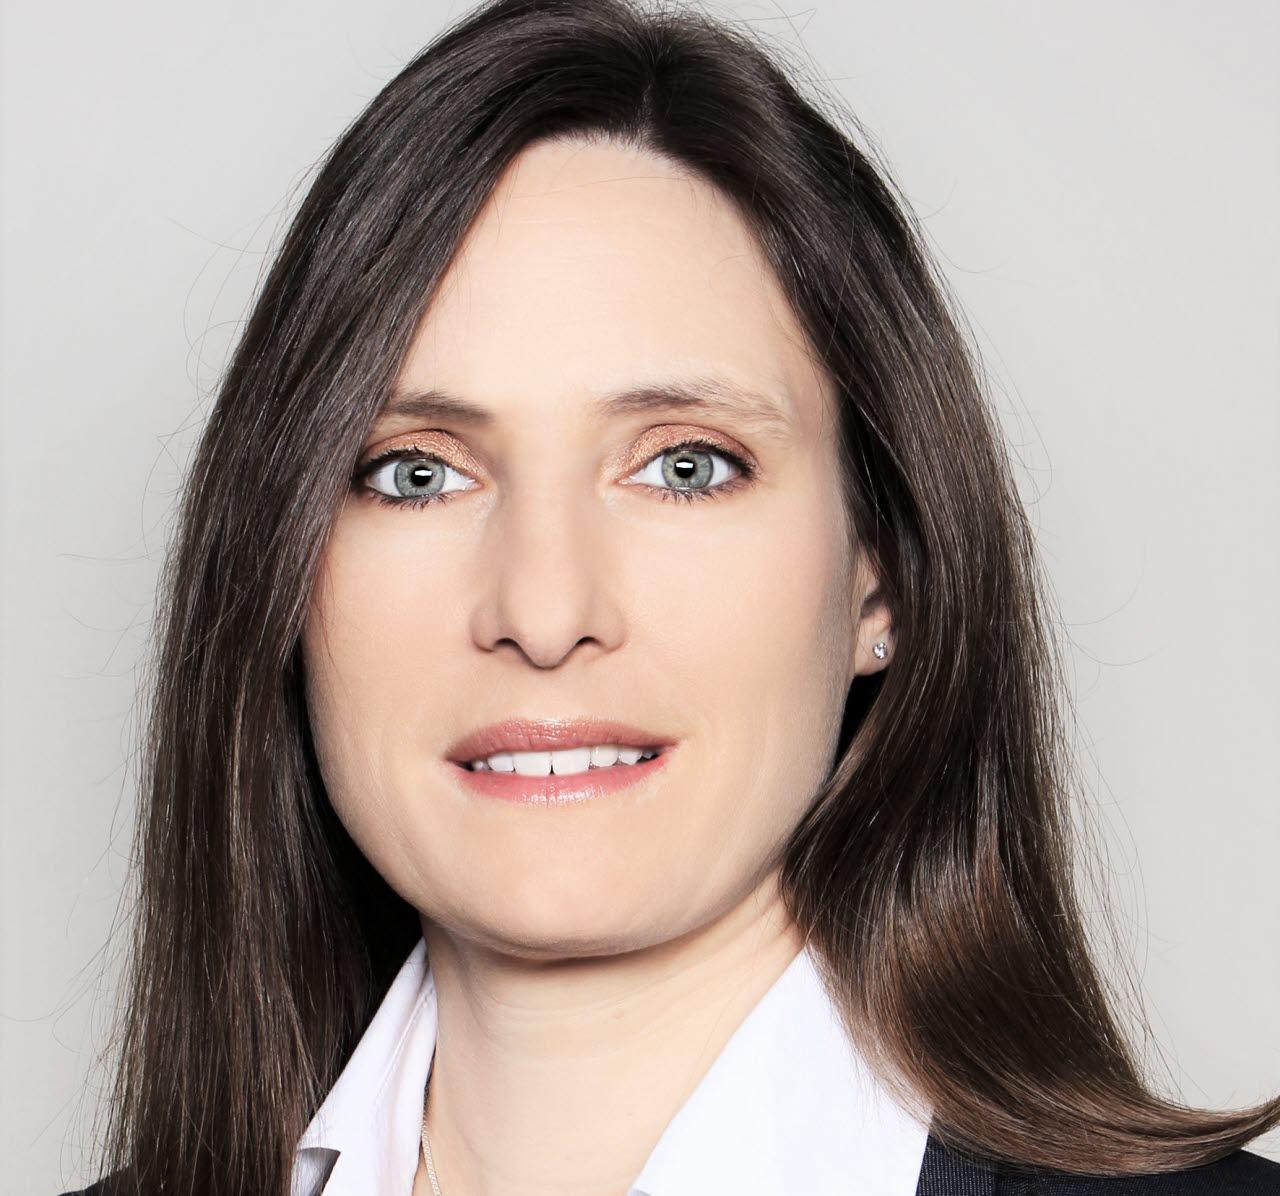 Alexandra Podvin